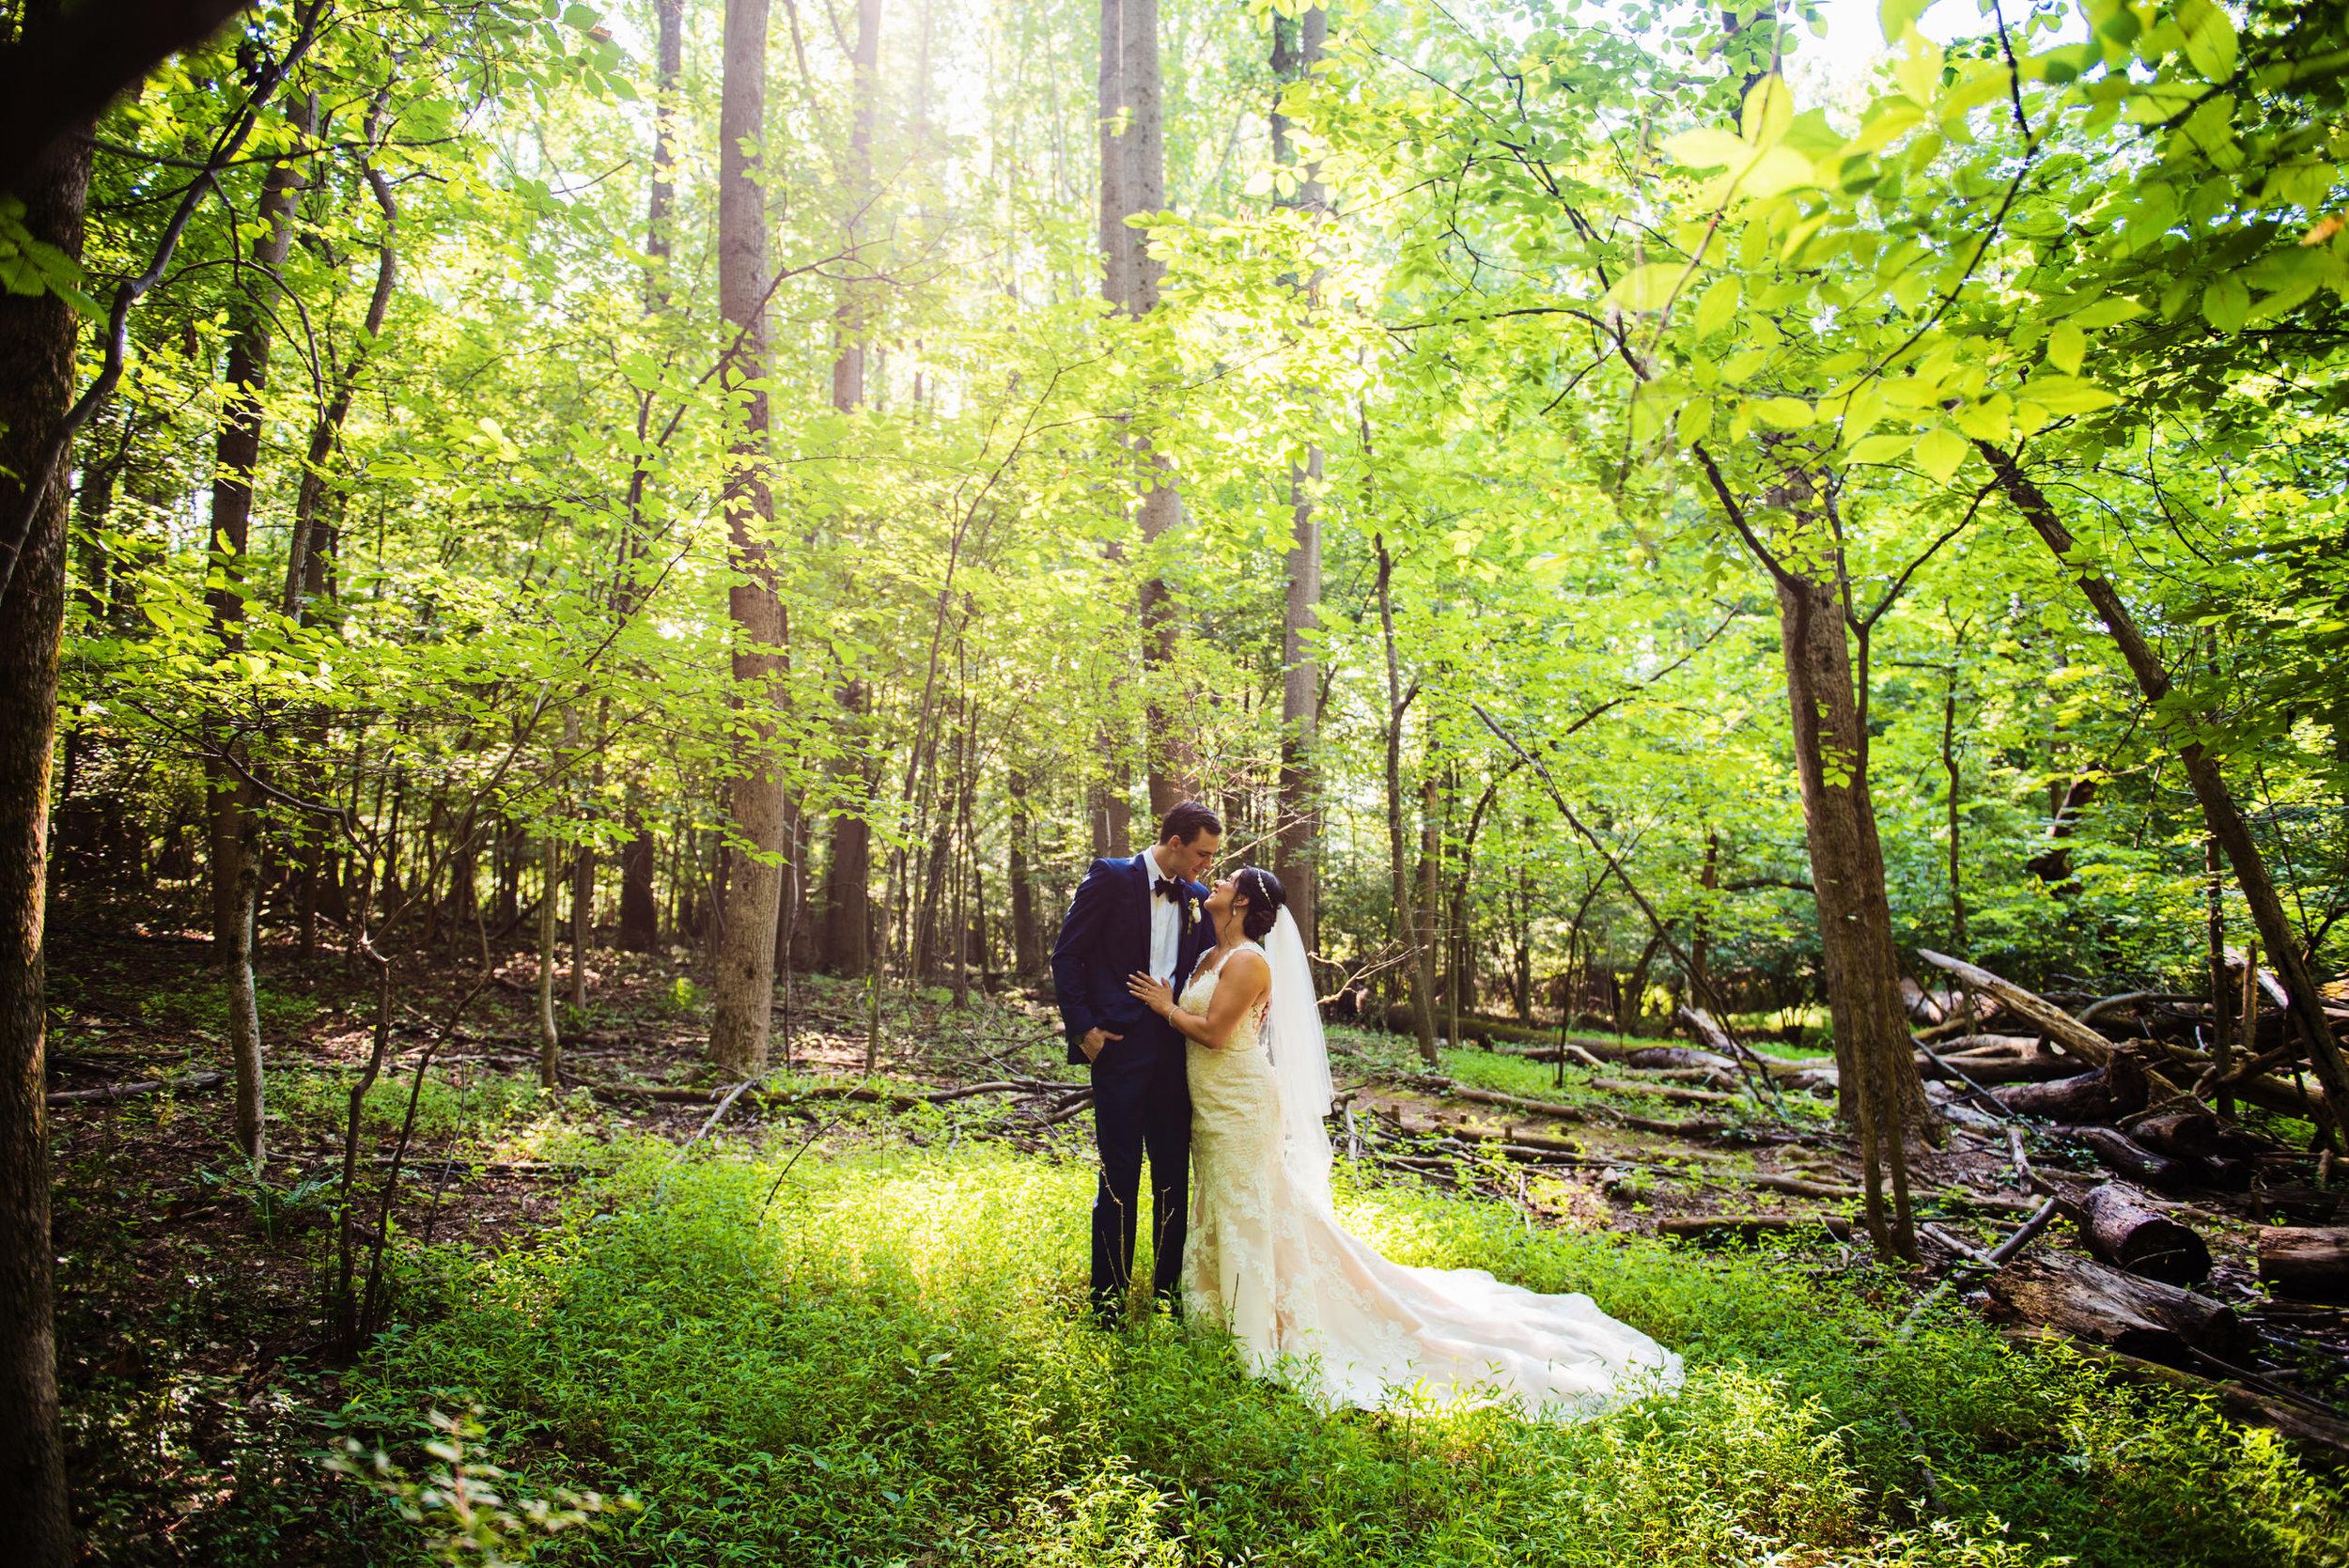 WoodendSantuaryWedding-Ashley&Dennis-353.JPG